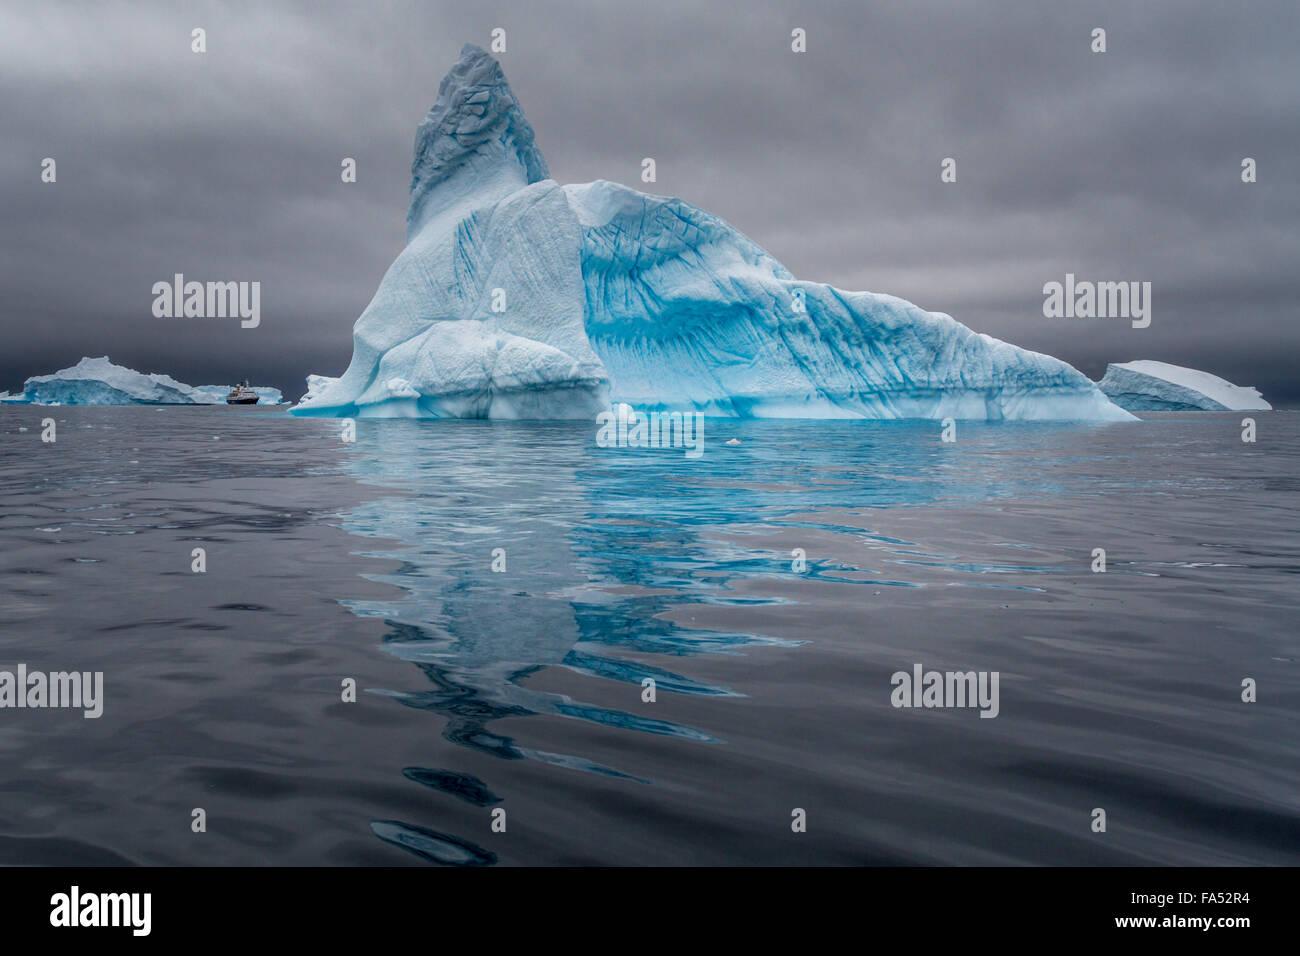 Enormi iceberg con una nave da crociera per il confronto delle dimensioni, impostare off vibrante contro la moody Immagini Stock